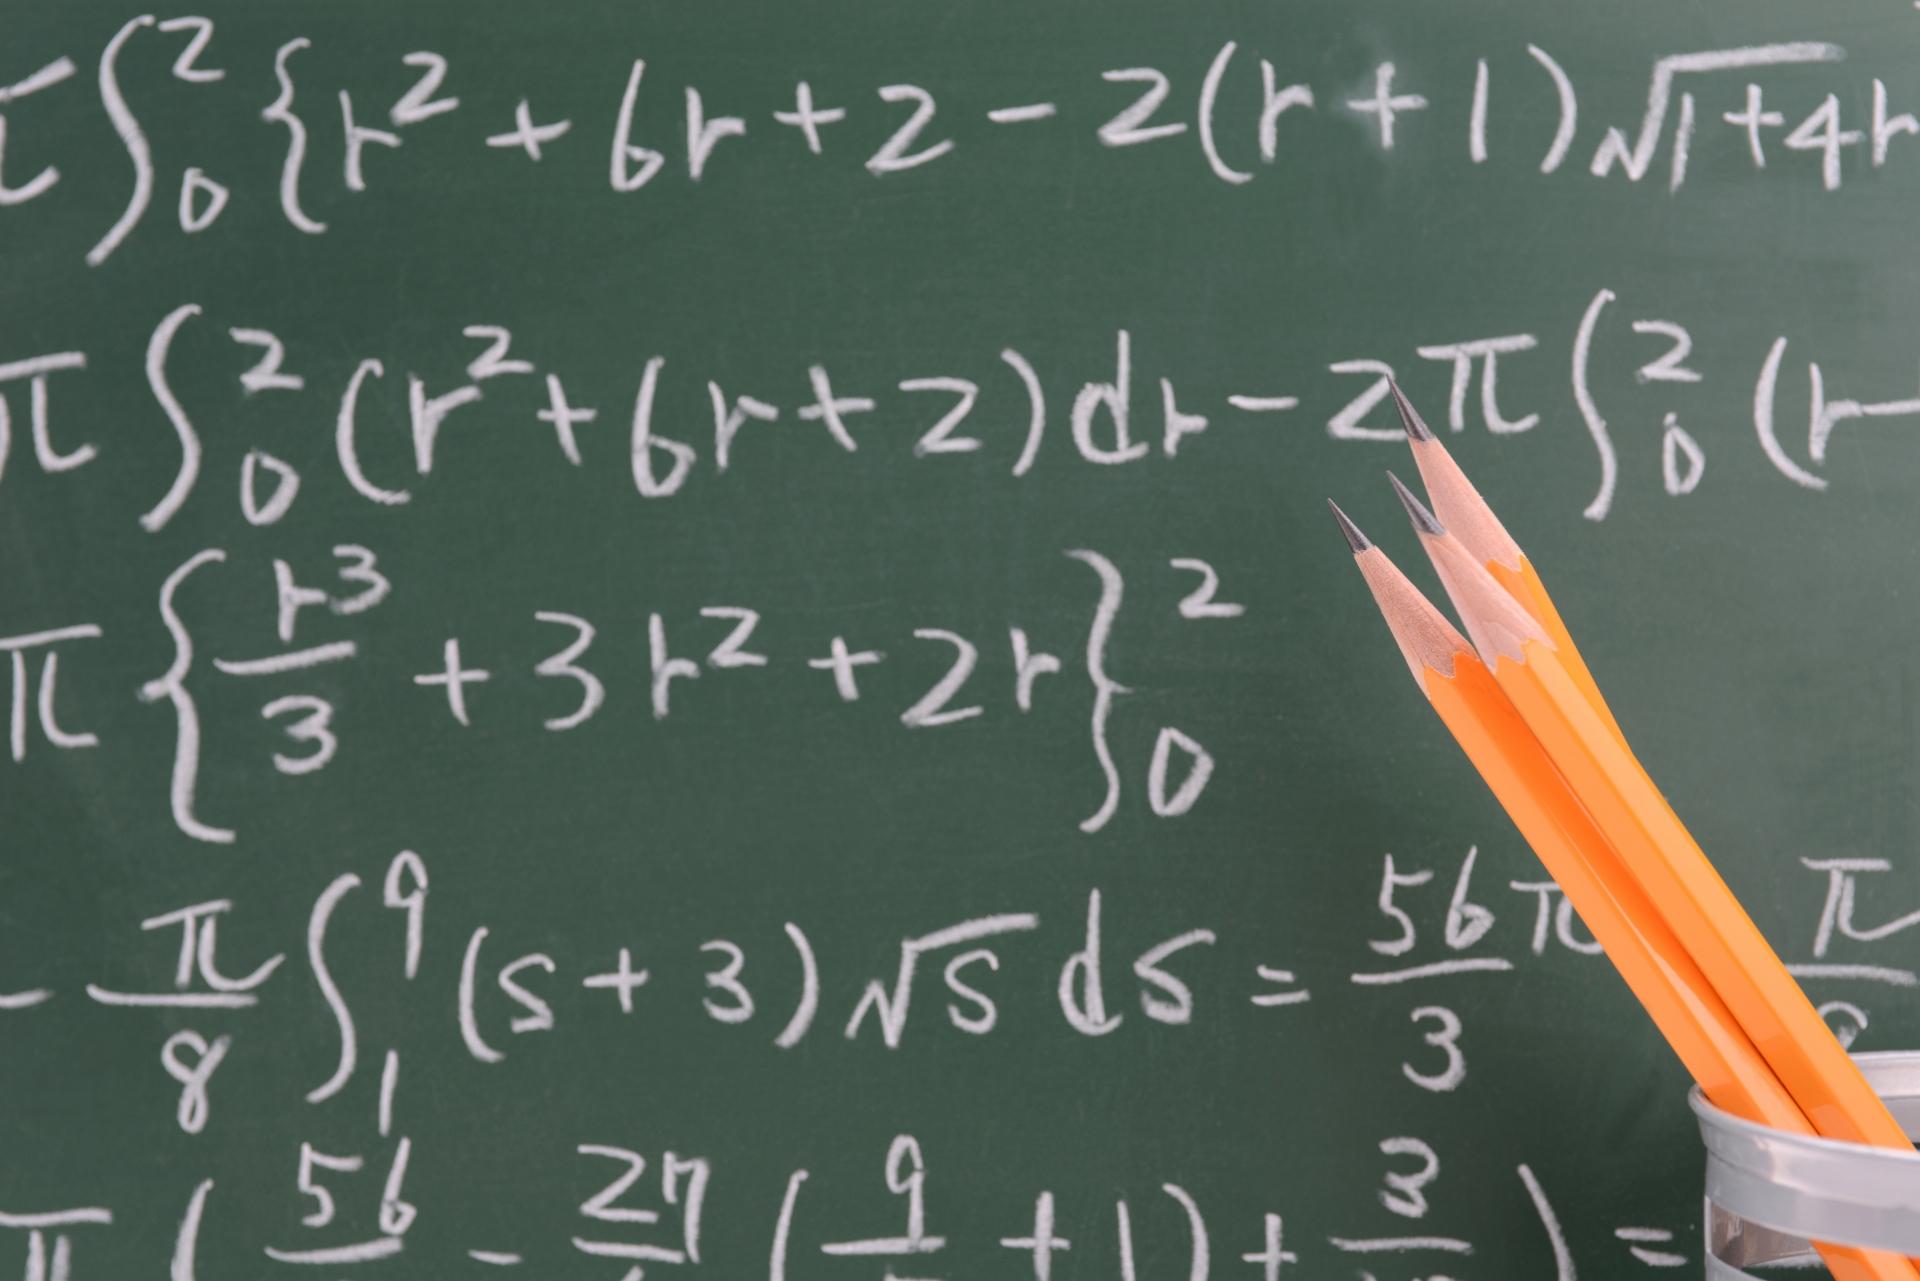 教育関連の仕事から異業種への転職したい。教育業界と一般企業の違いとは